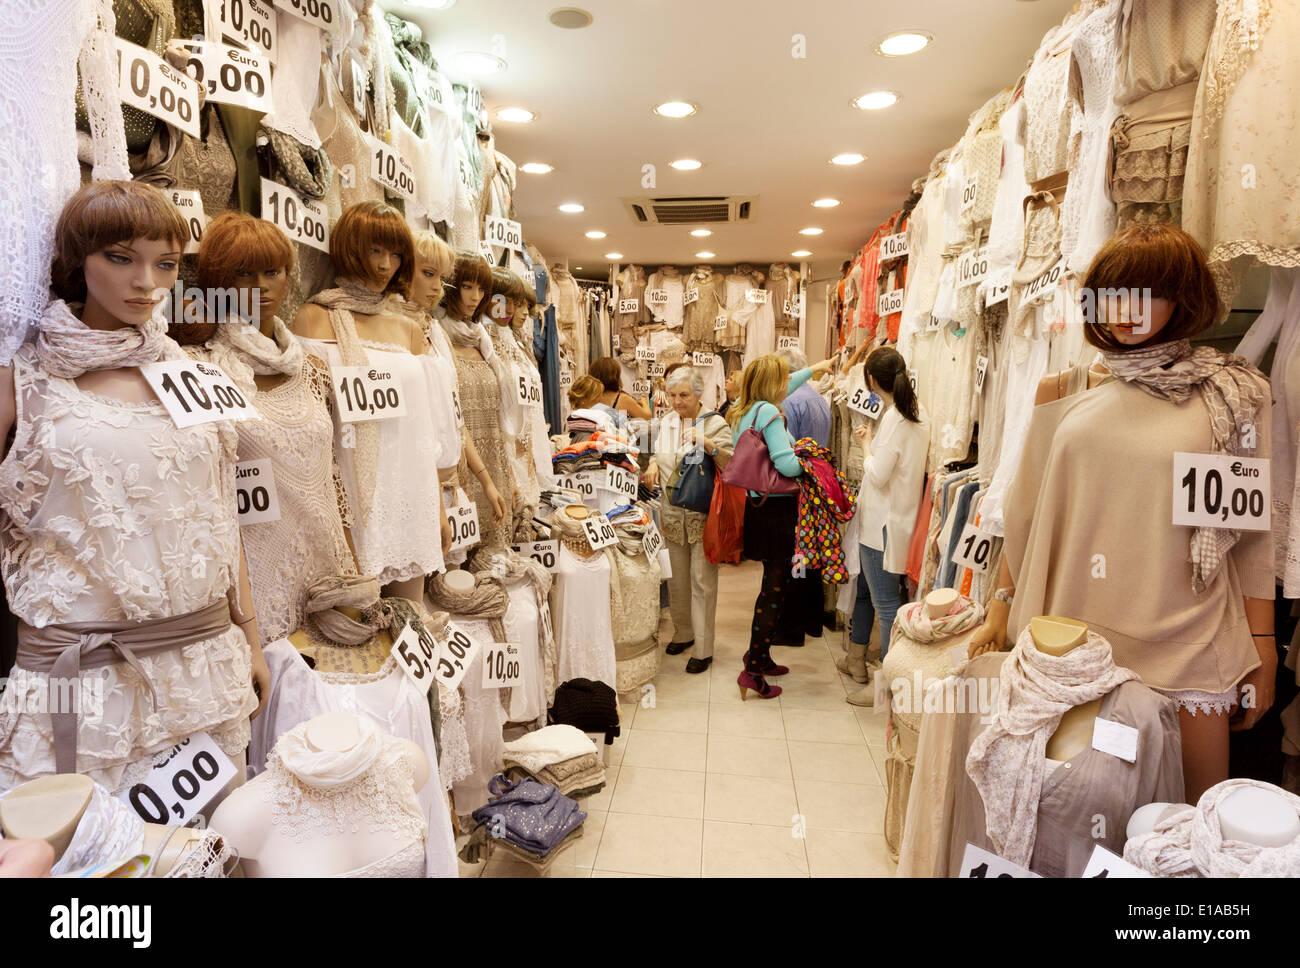 Le donne di shopping in un merletto a buon mercato negozio di abbigliamento, Roma Italia Europa Immagini Stock